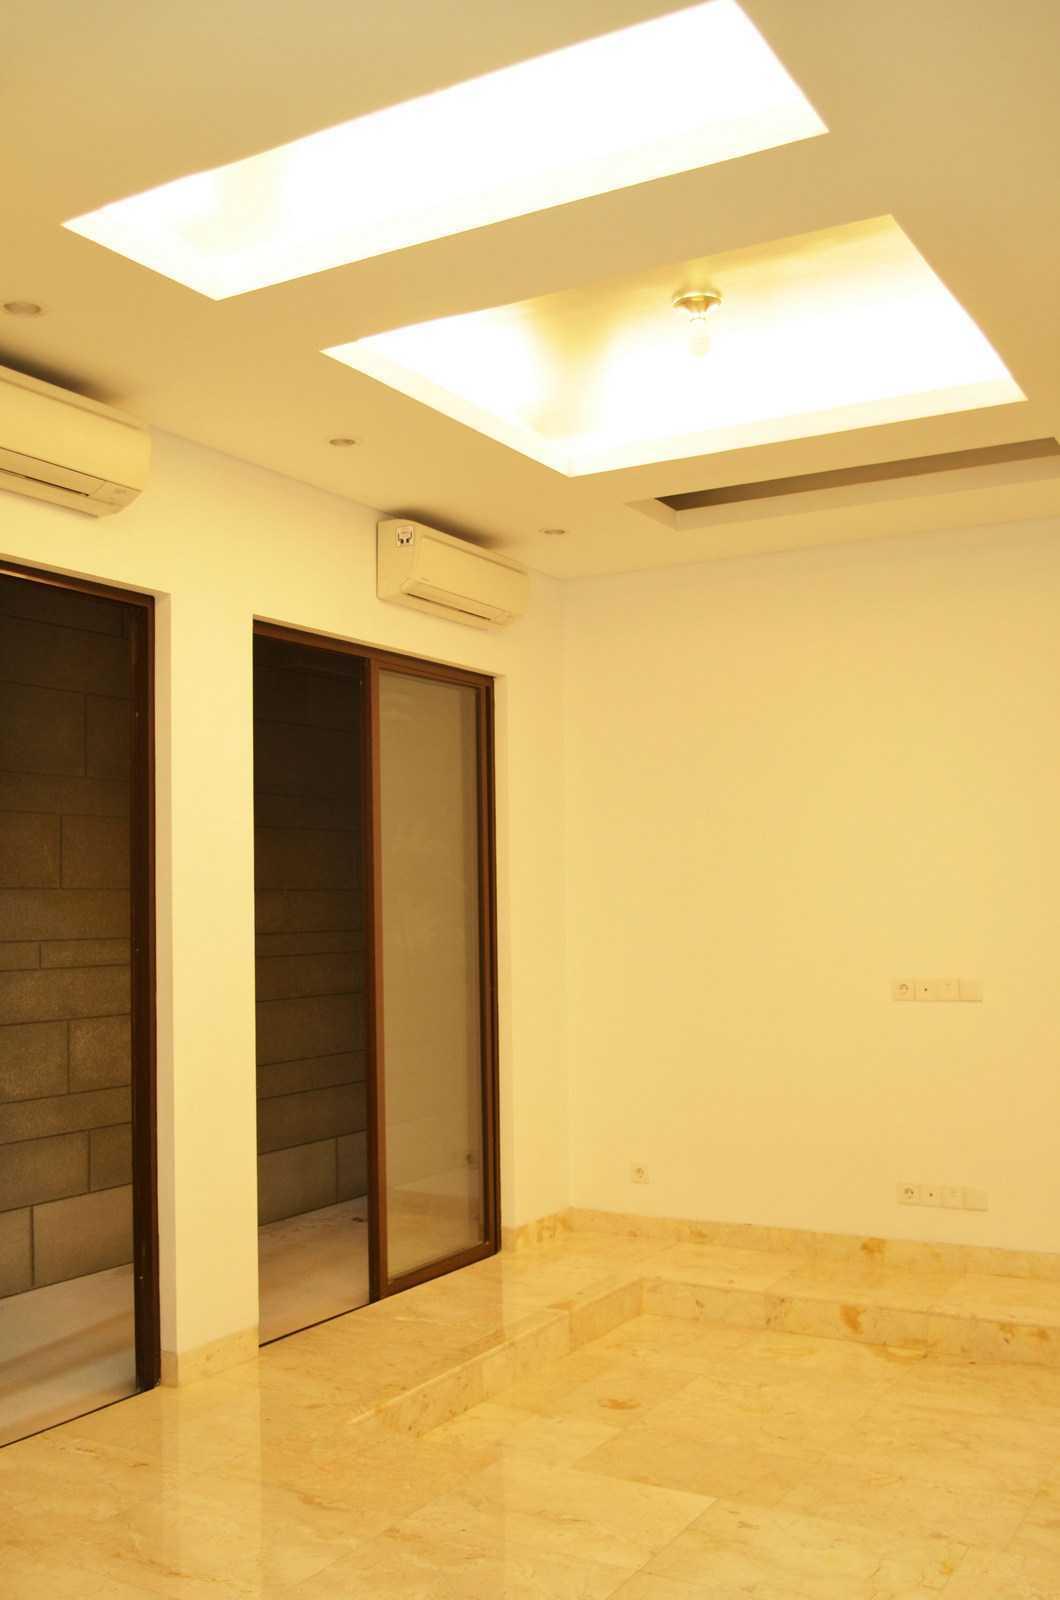 X3M Architects Nittaya A3 15 House Bsd Bsd Room   25317